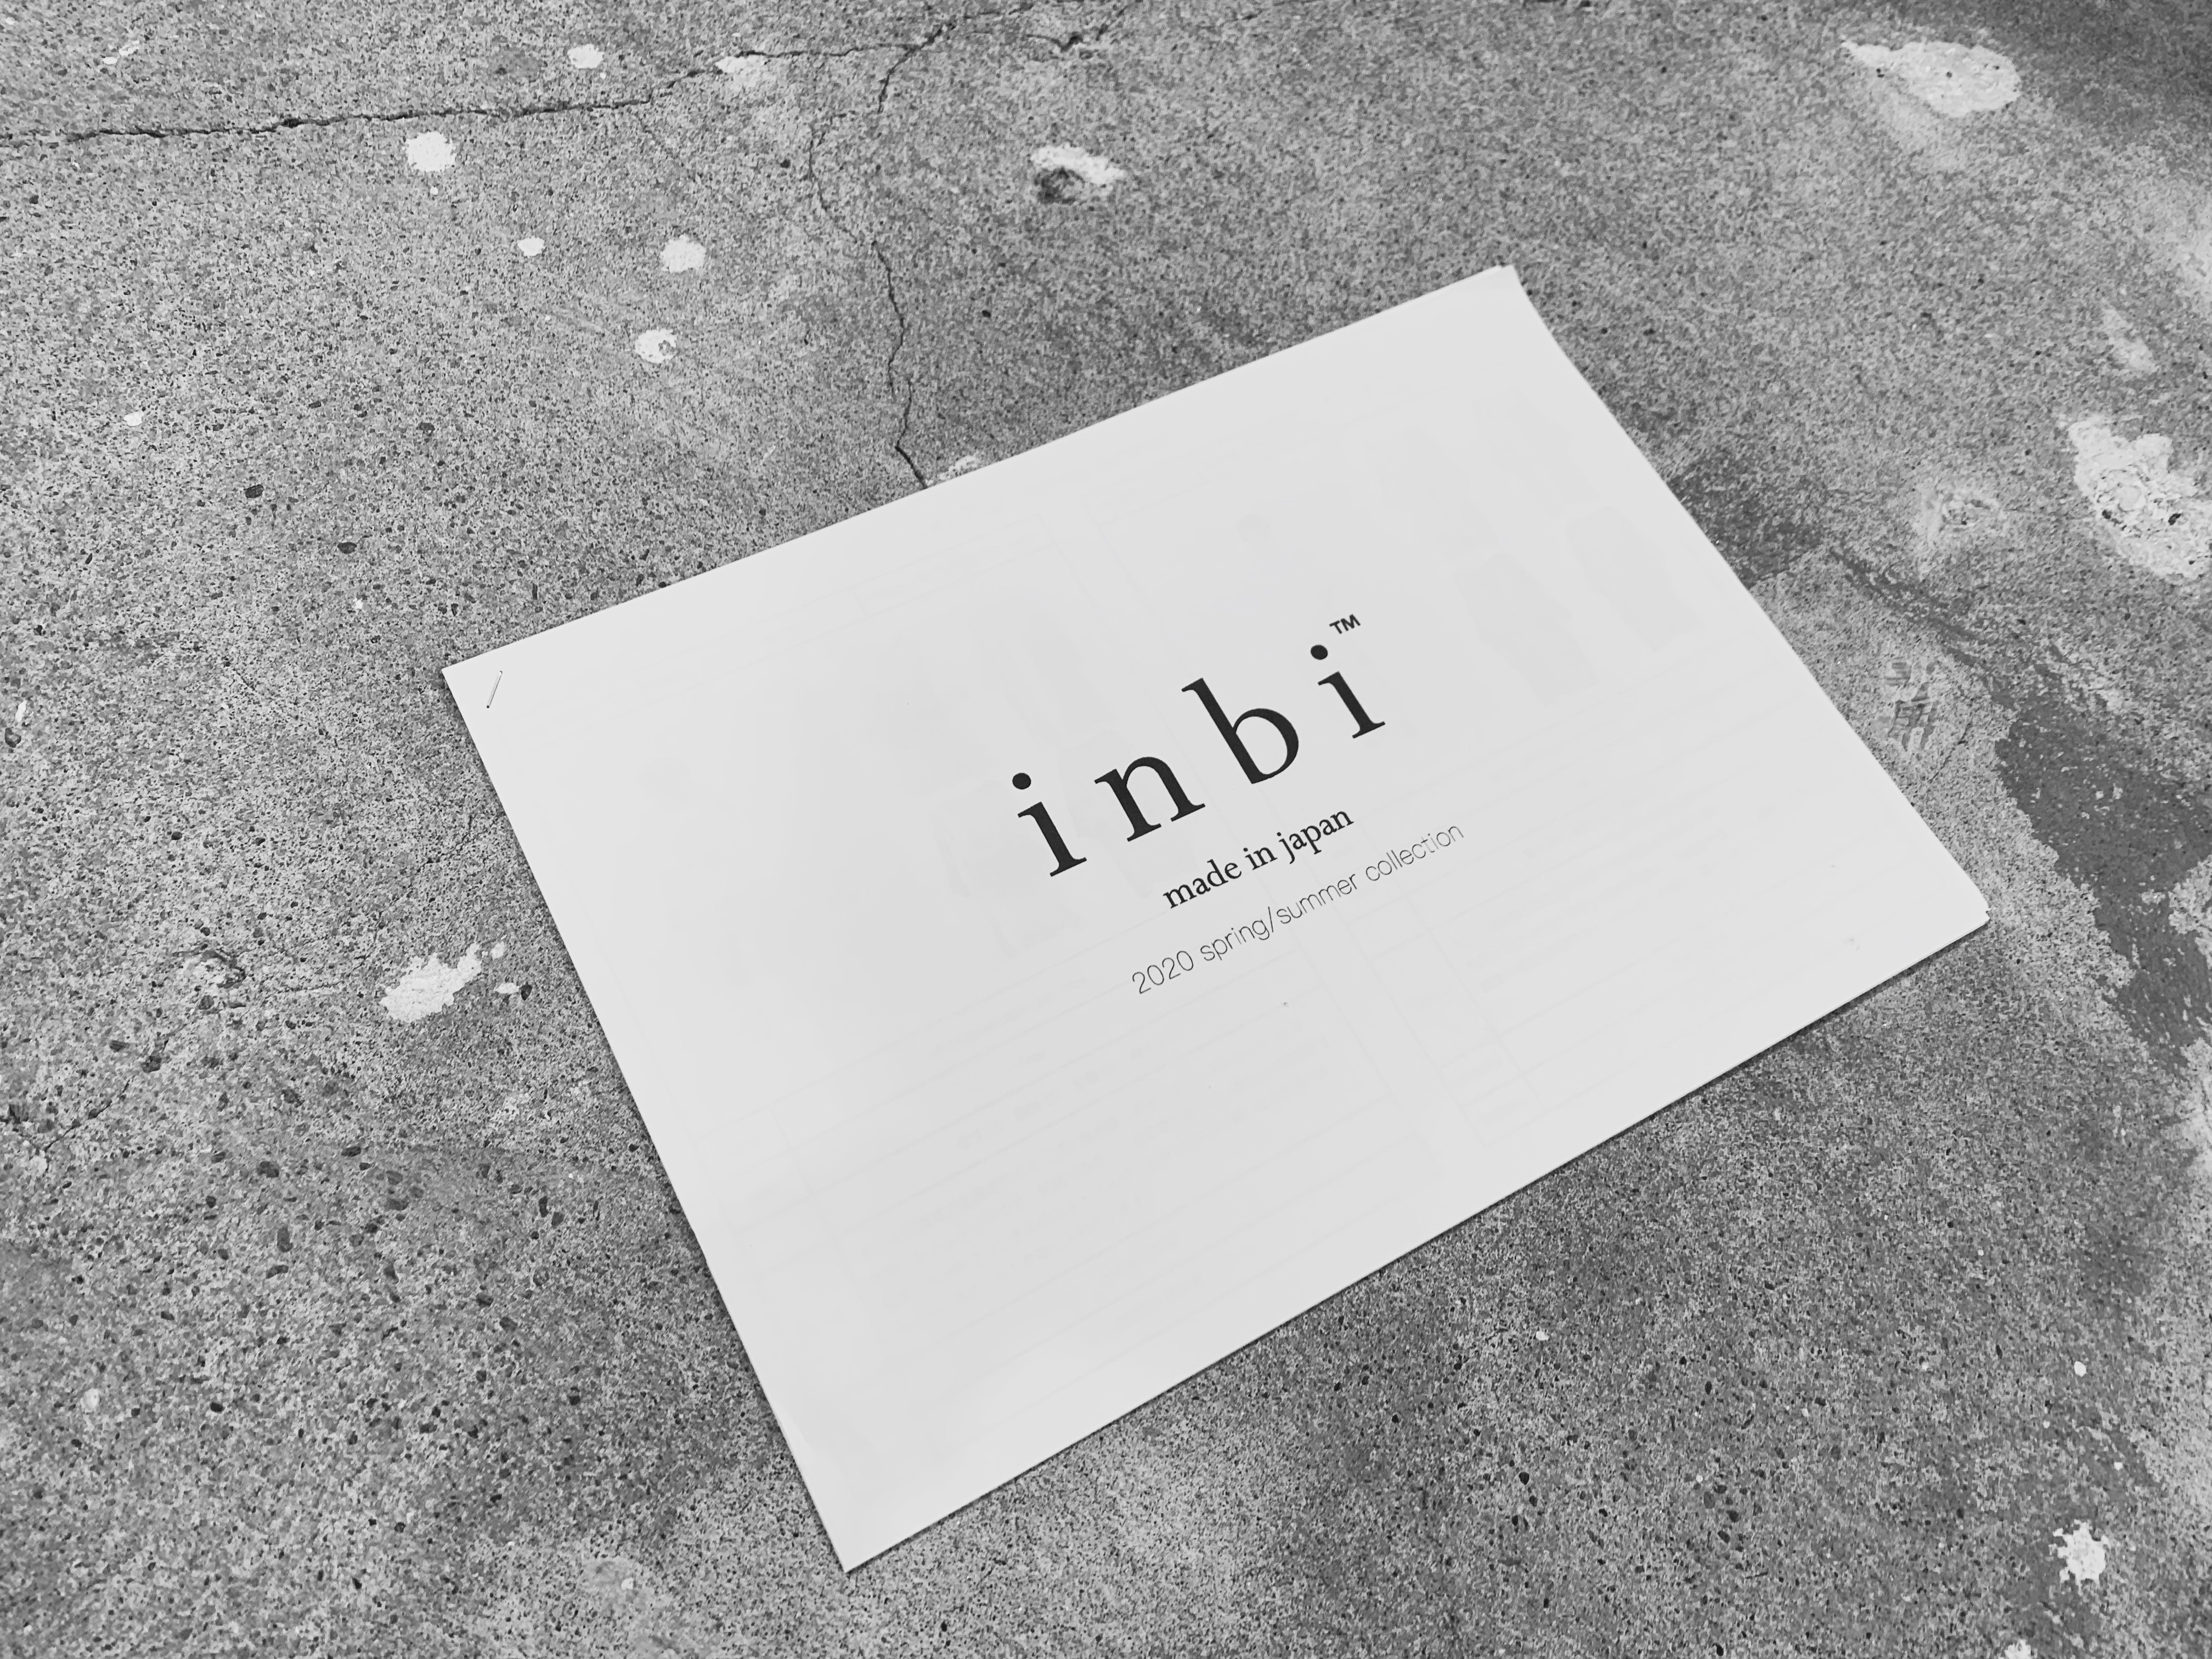 【event】 inbi 展示受注会 開催決定。